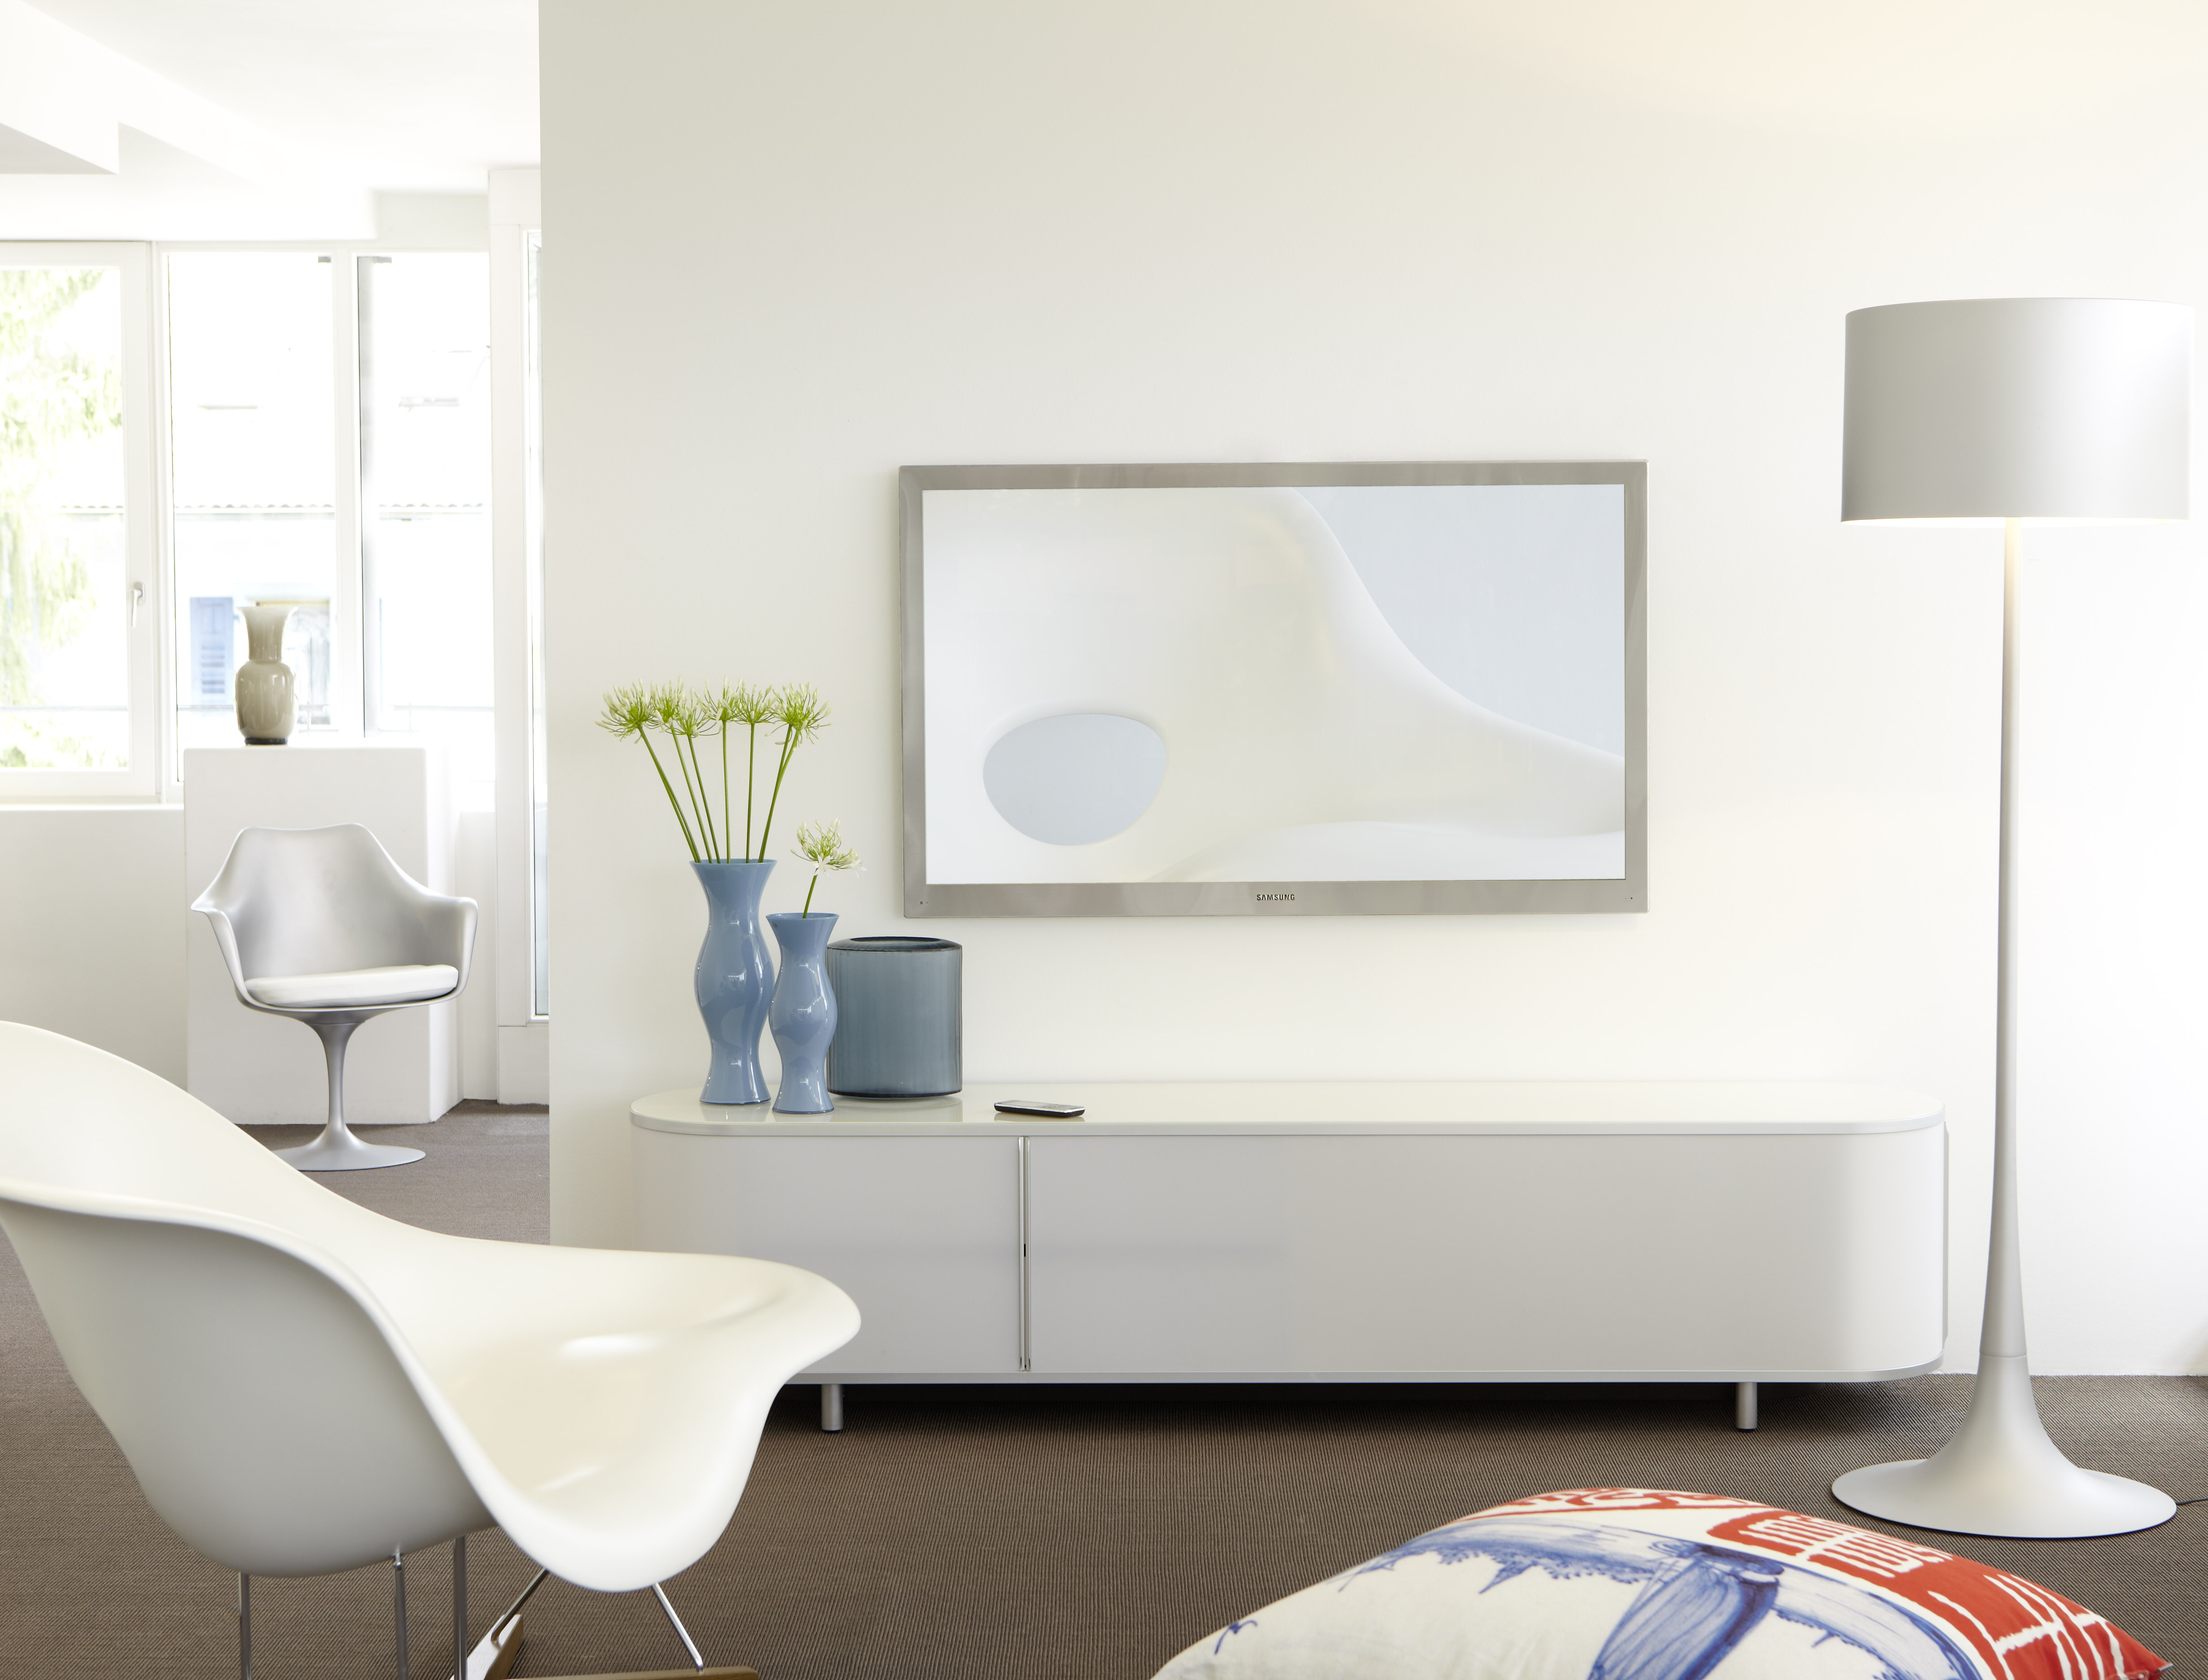 samsung kommt mit europa premiere zur ifa preview 3d fernseher einfache vernetzung digitaler. Black Bedroom Furniture Sets. Home Design Ideas